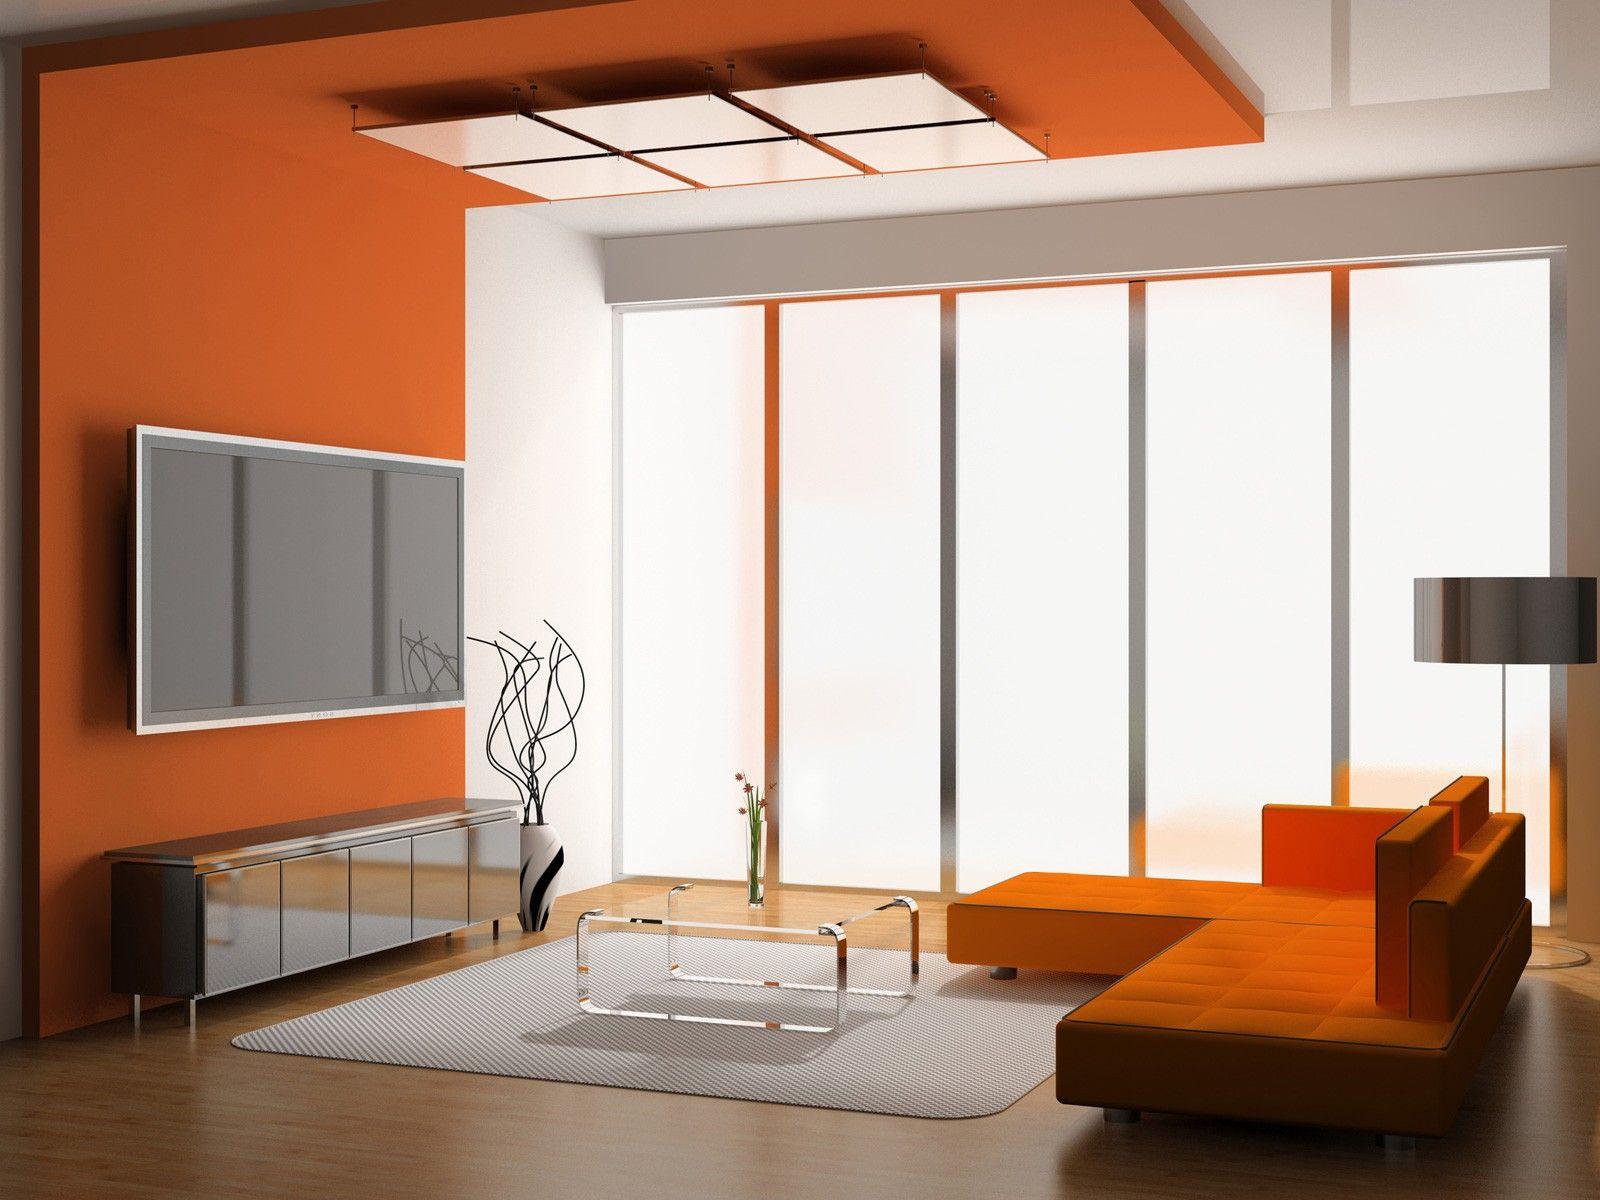 light orange living room - Google Search | Ideas para el hogar ...